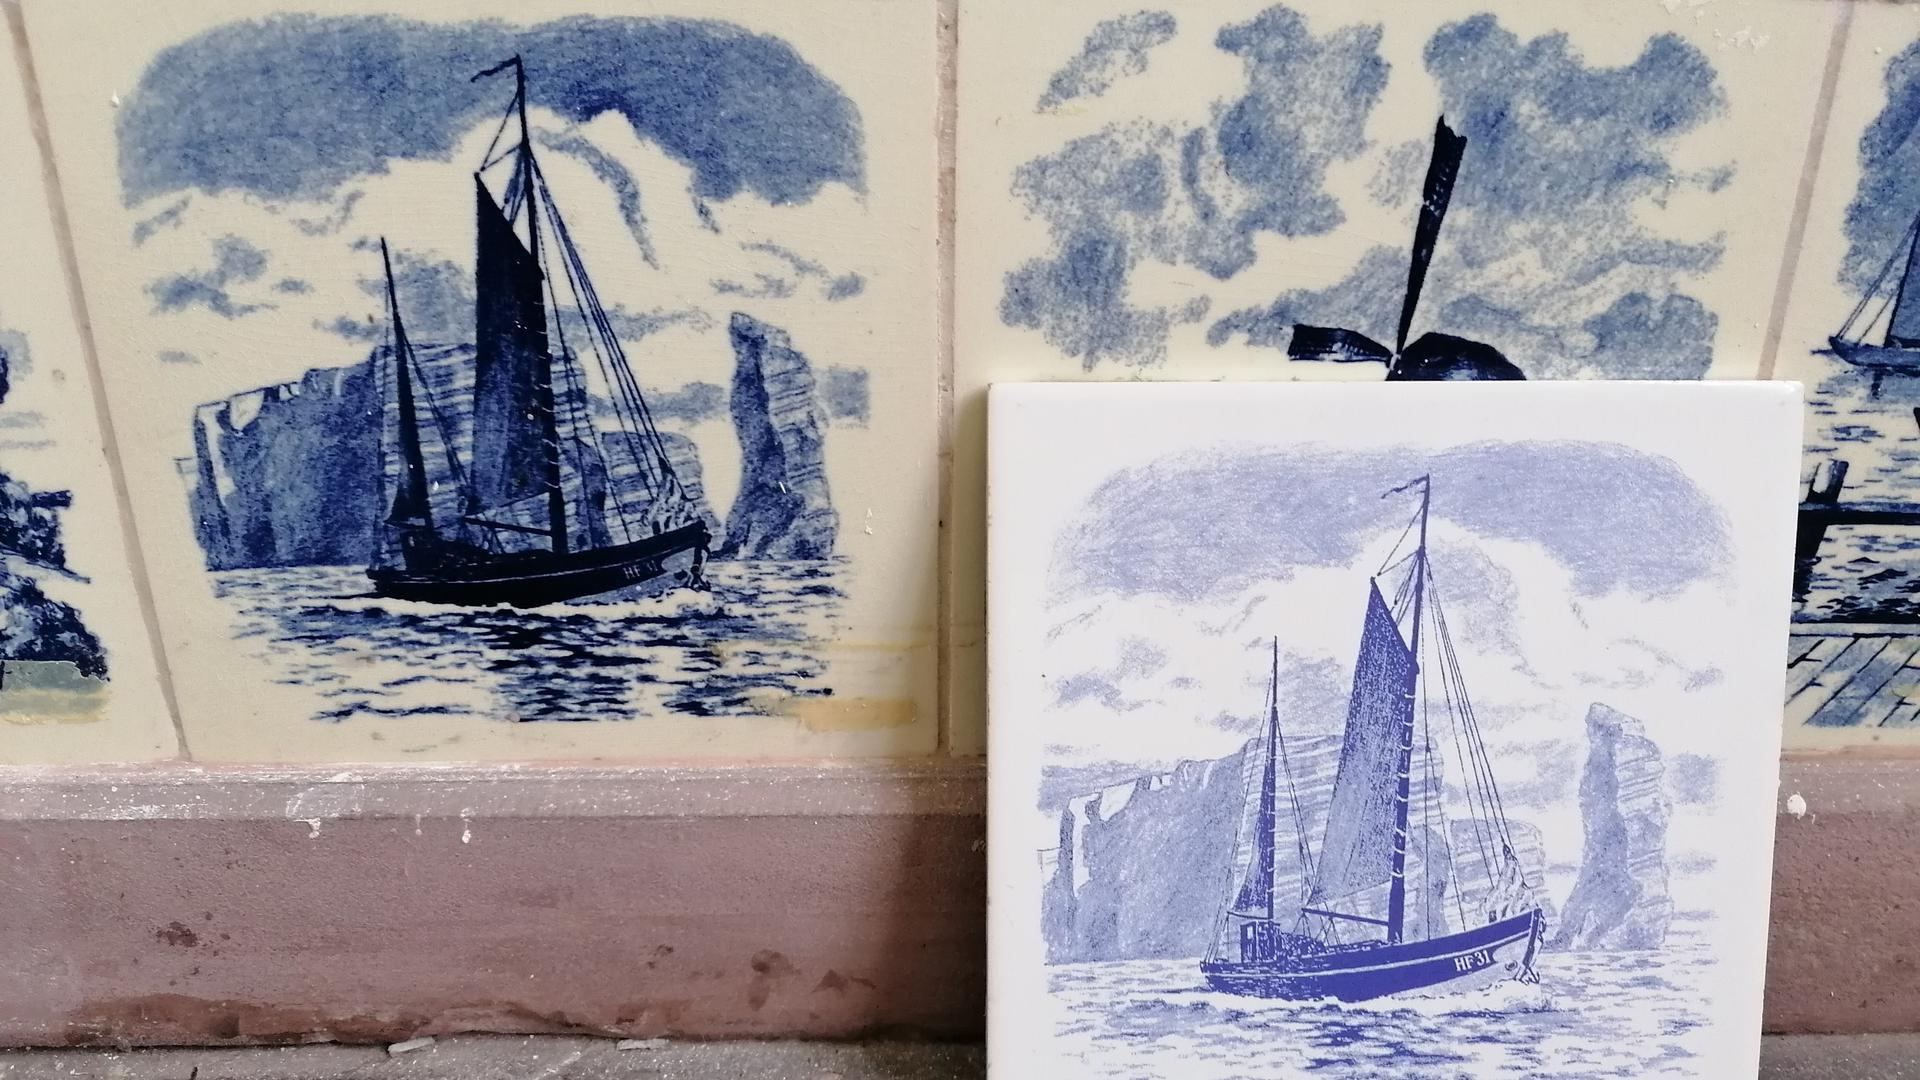 Links die Kachel aus der Pagodenburg, rechts das Erbstück von Manuel Sachse mit dem gleichen Motiv, das das Segelboot Maria HF 31 zeigt.